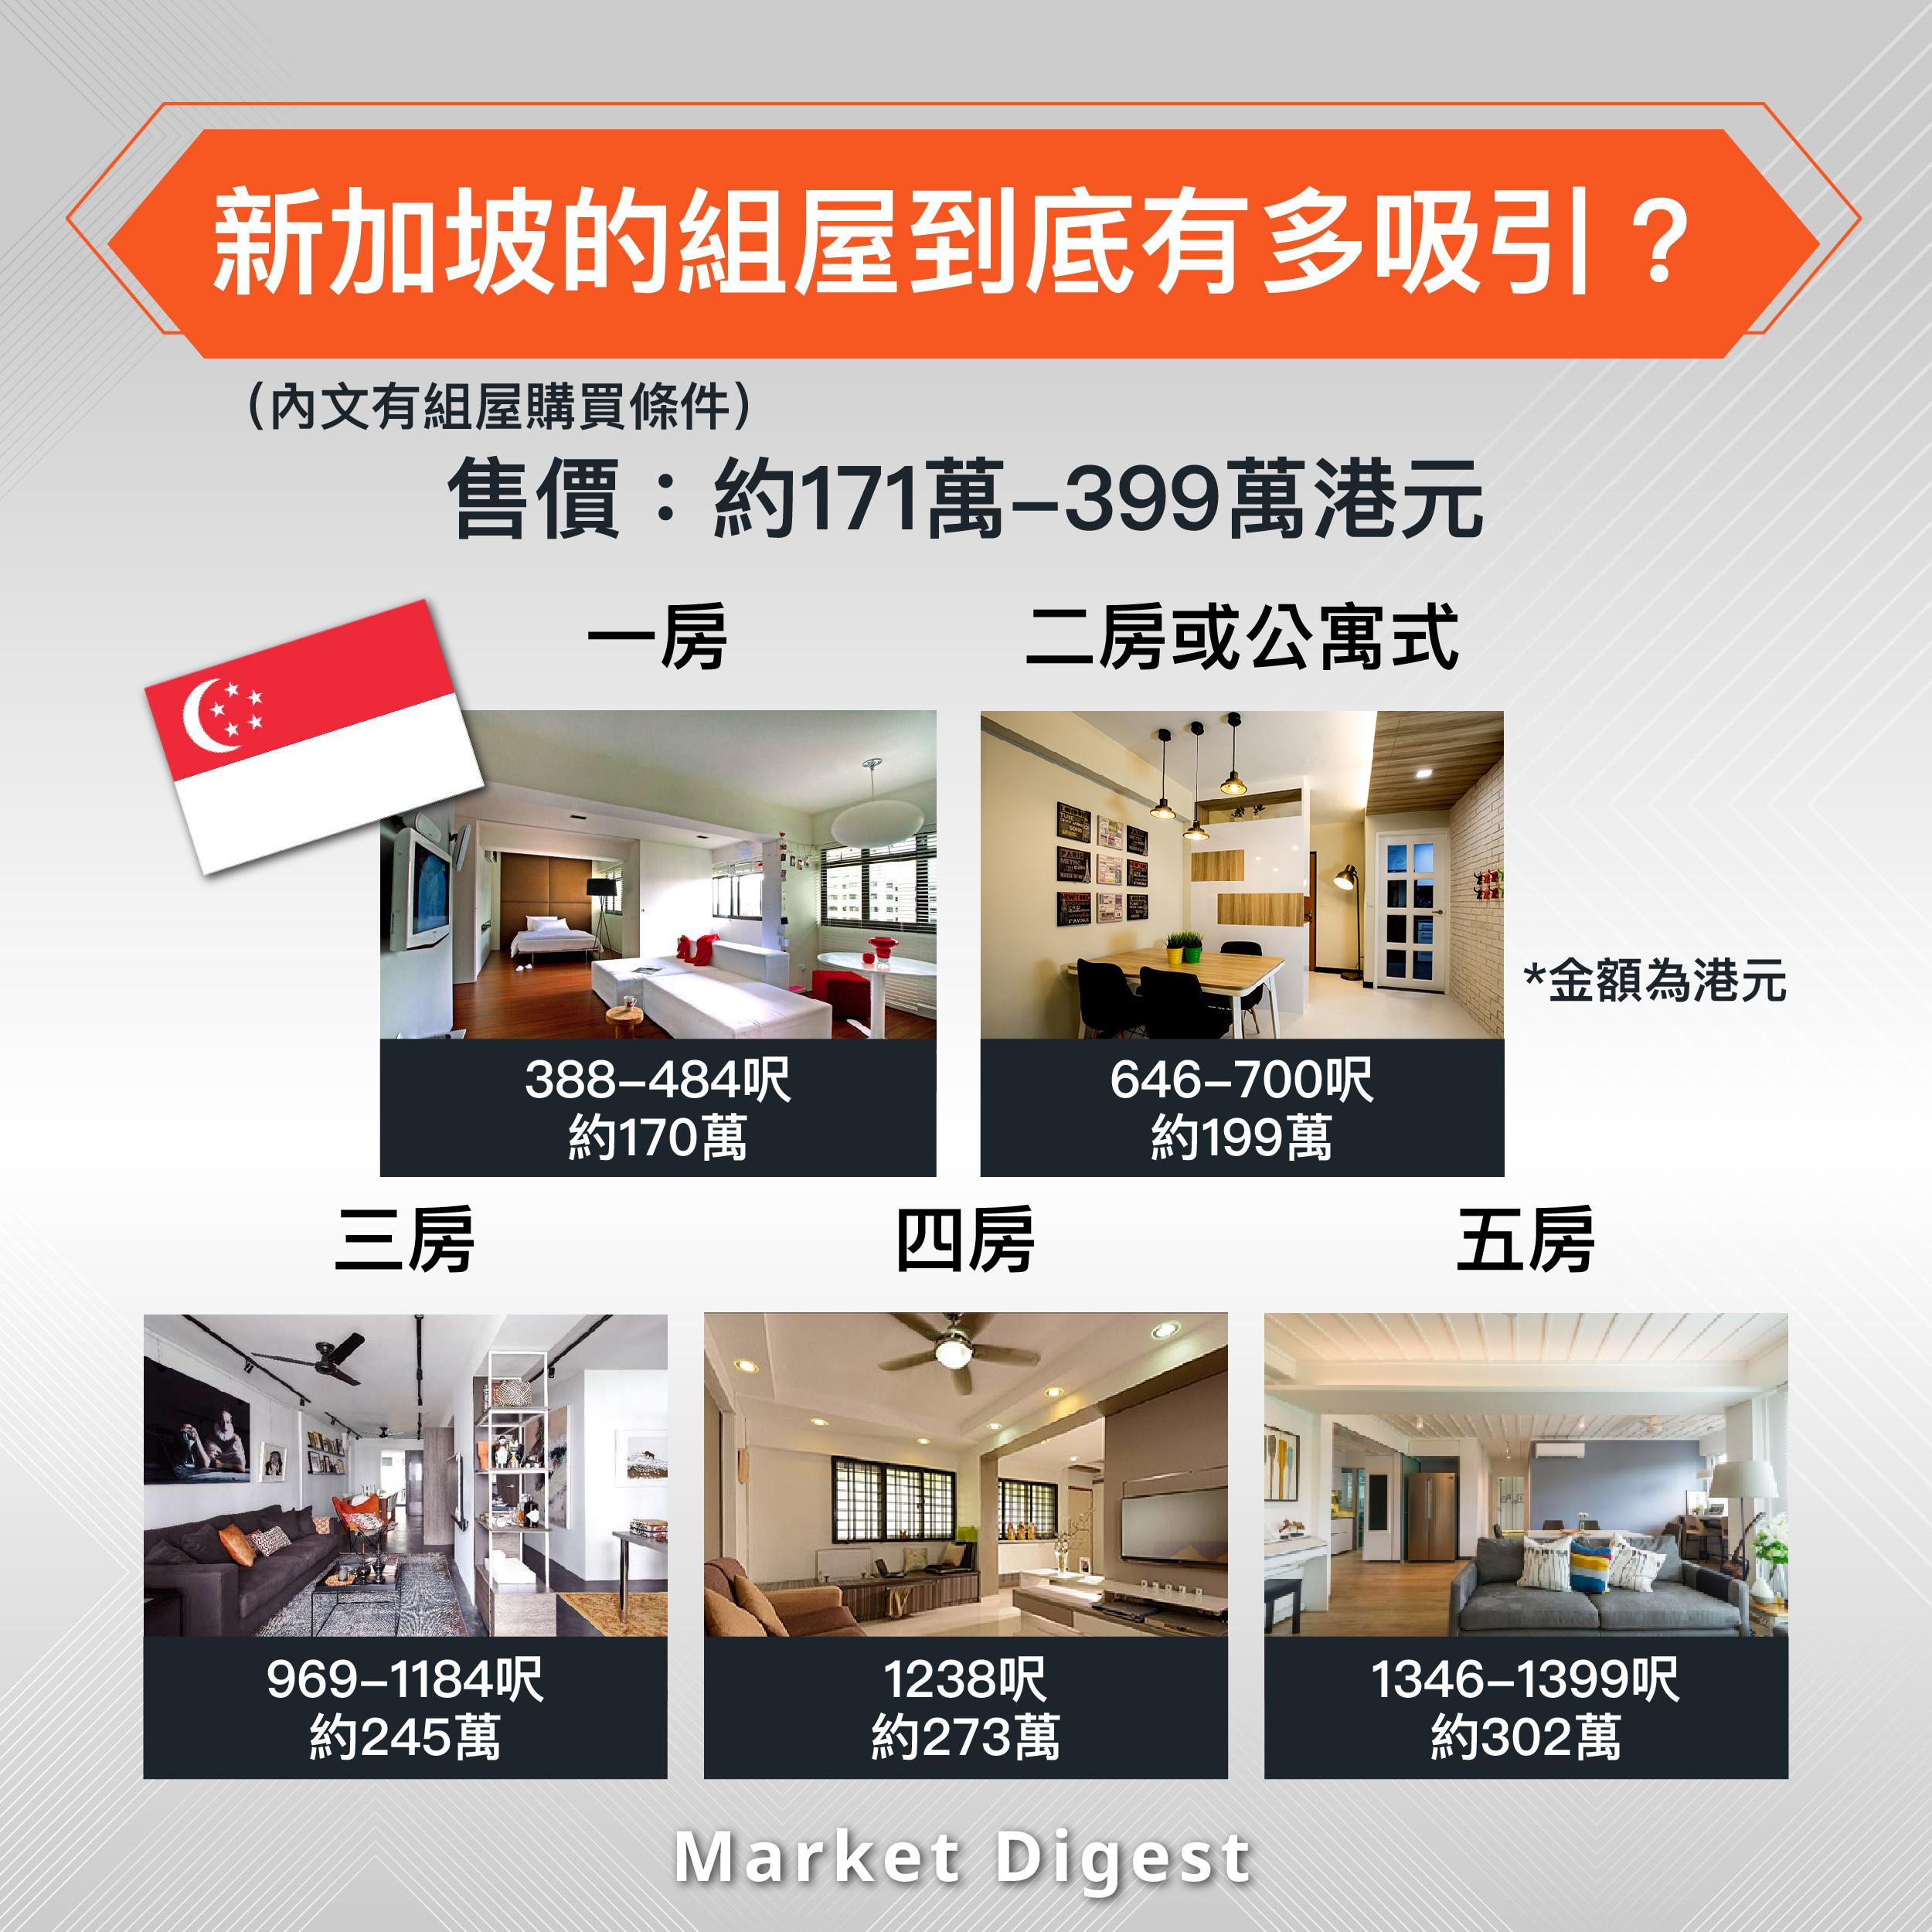 【海外樓市探索】新加坡的組屋到底有多吸引?